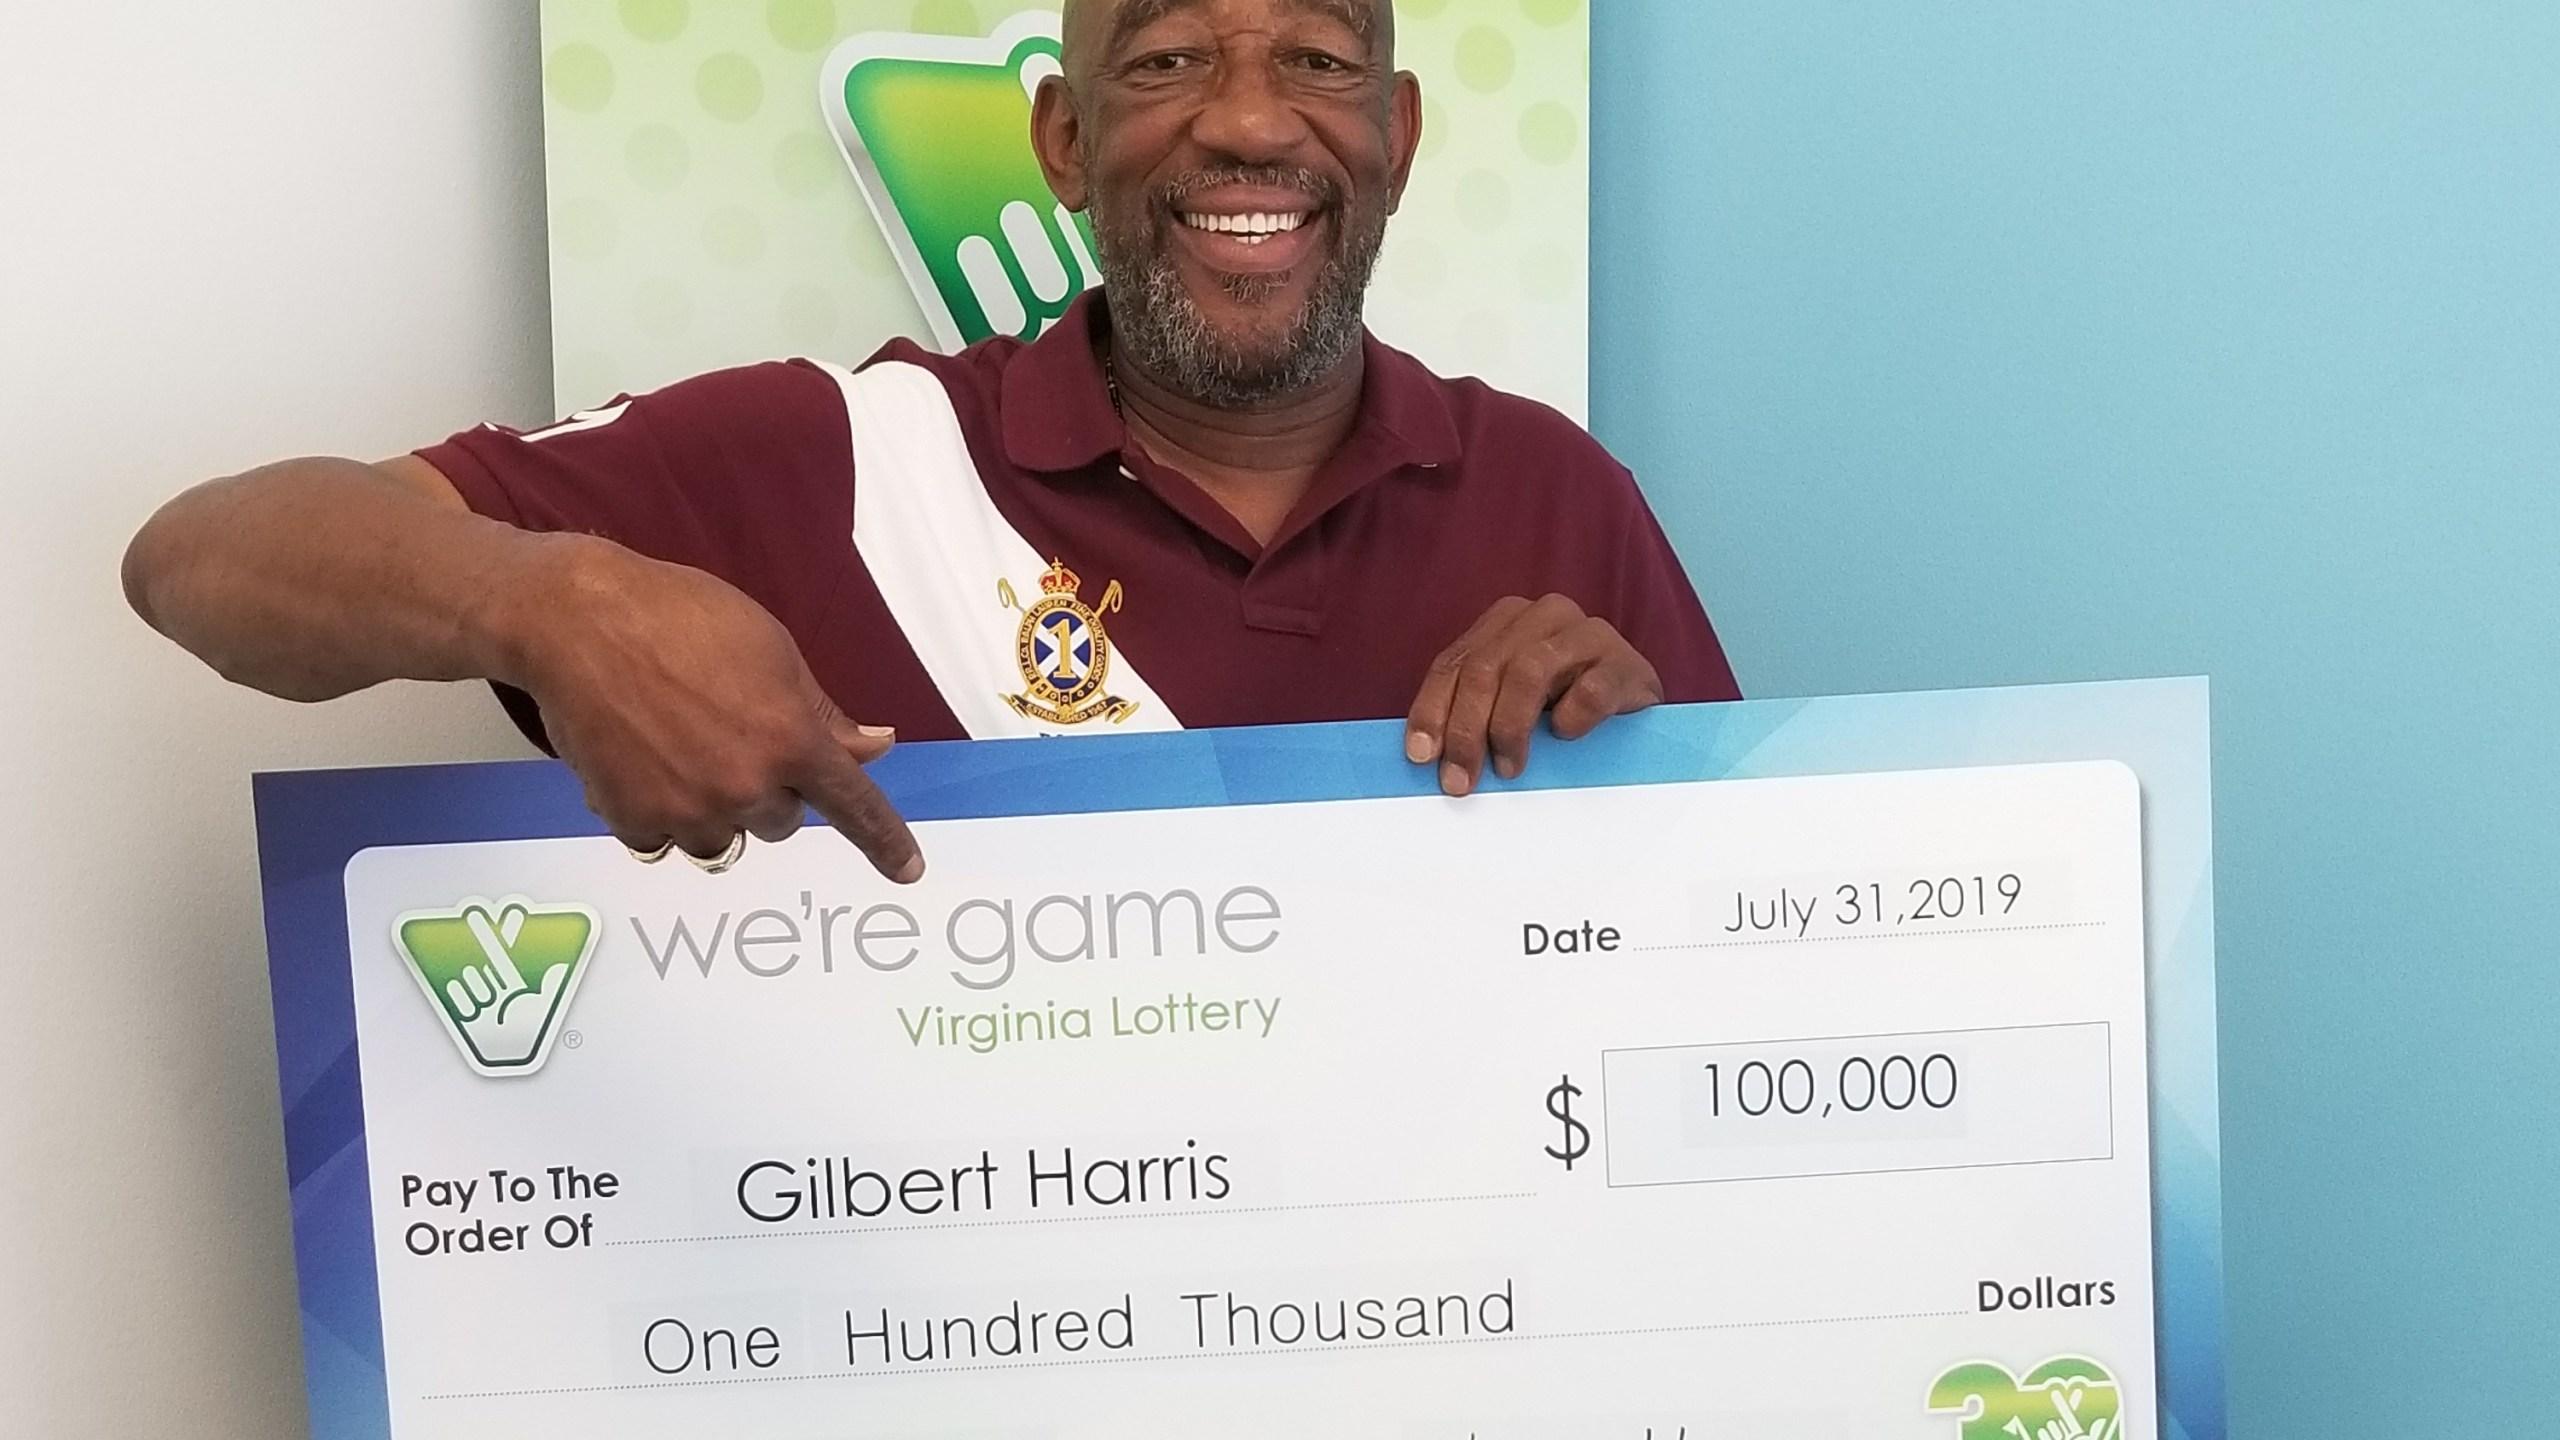 Norfolk man stops for breakfast in Suffolk, wins $100,000